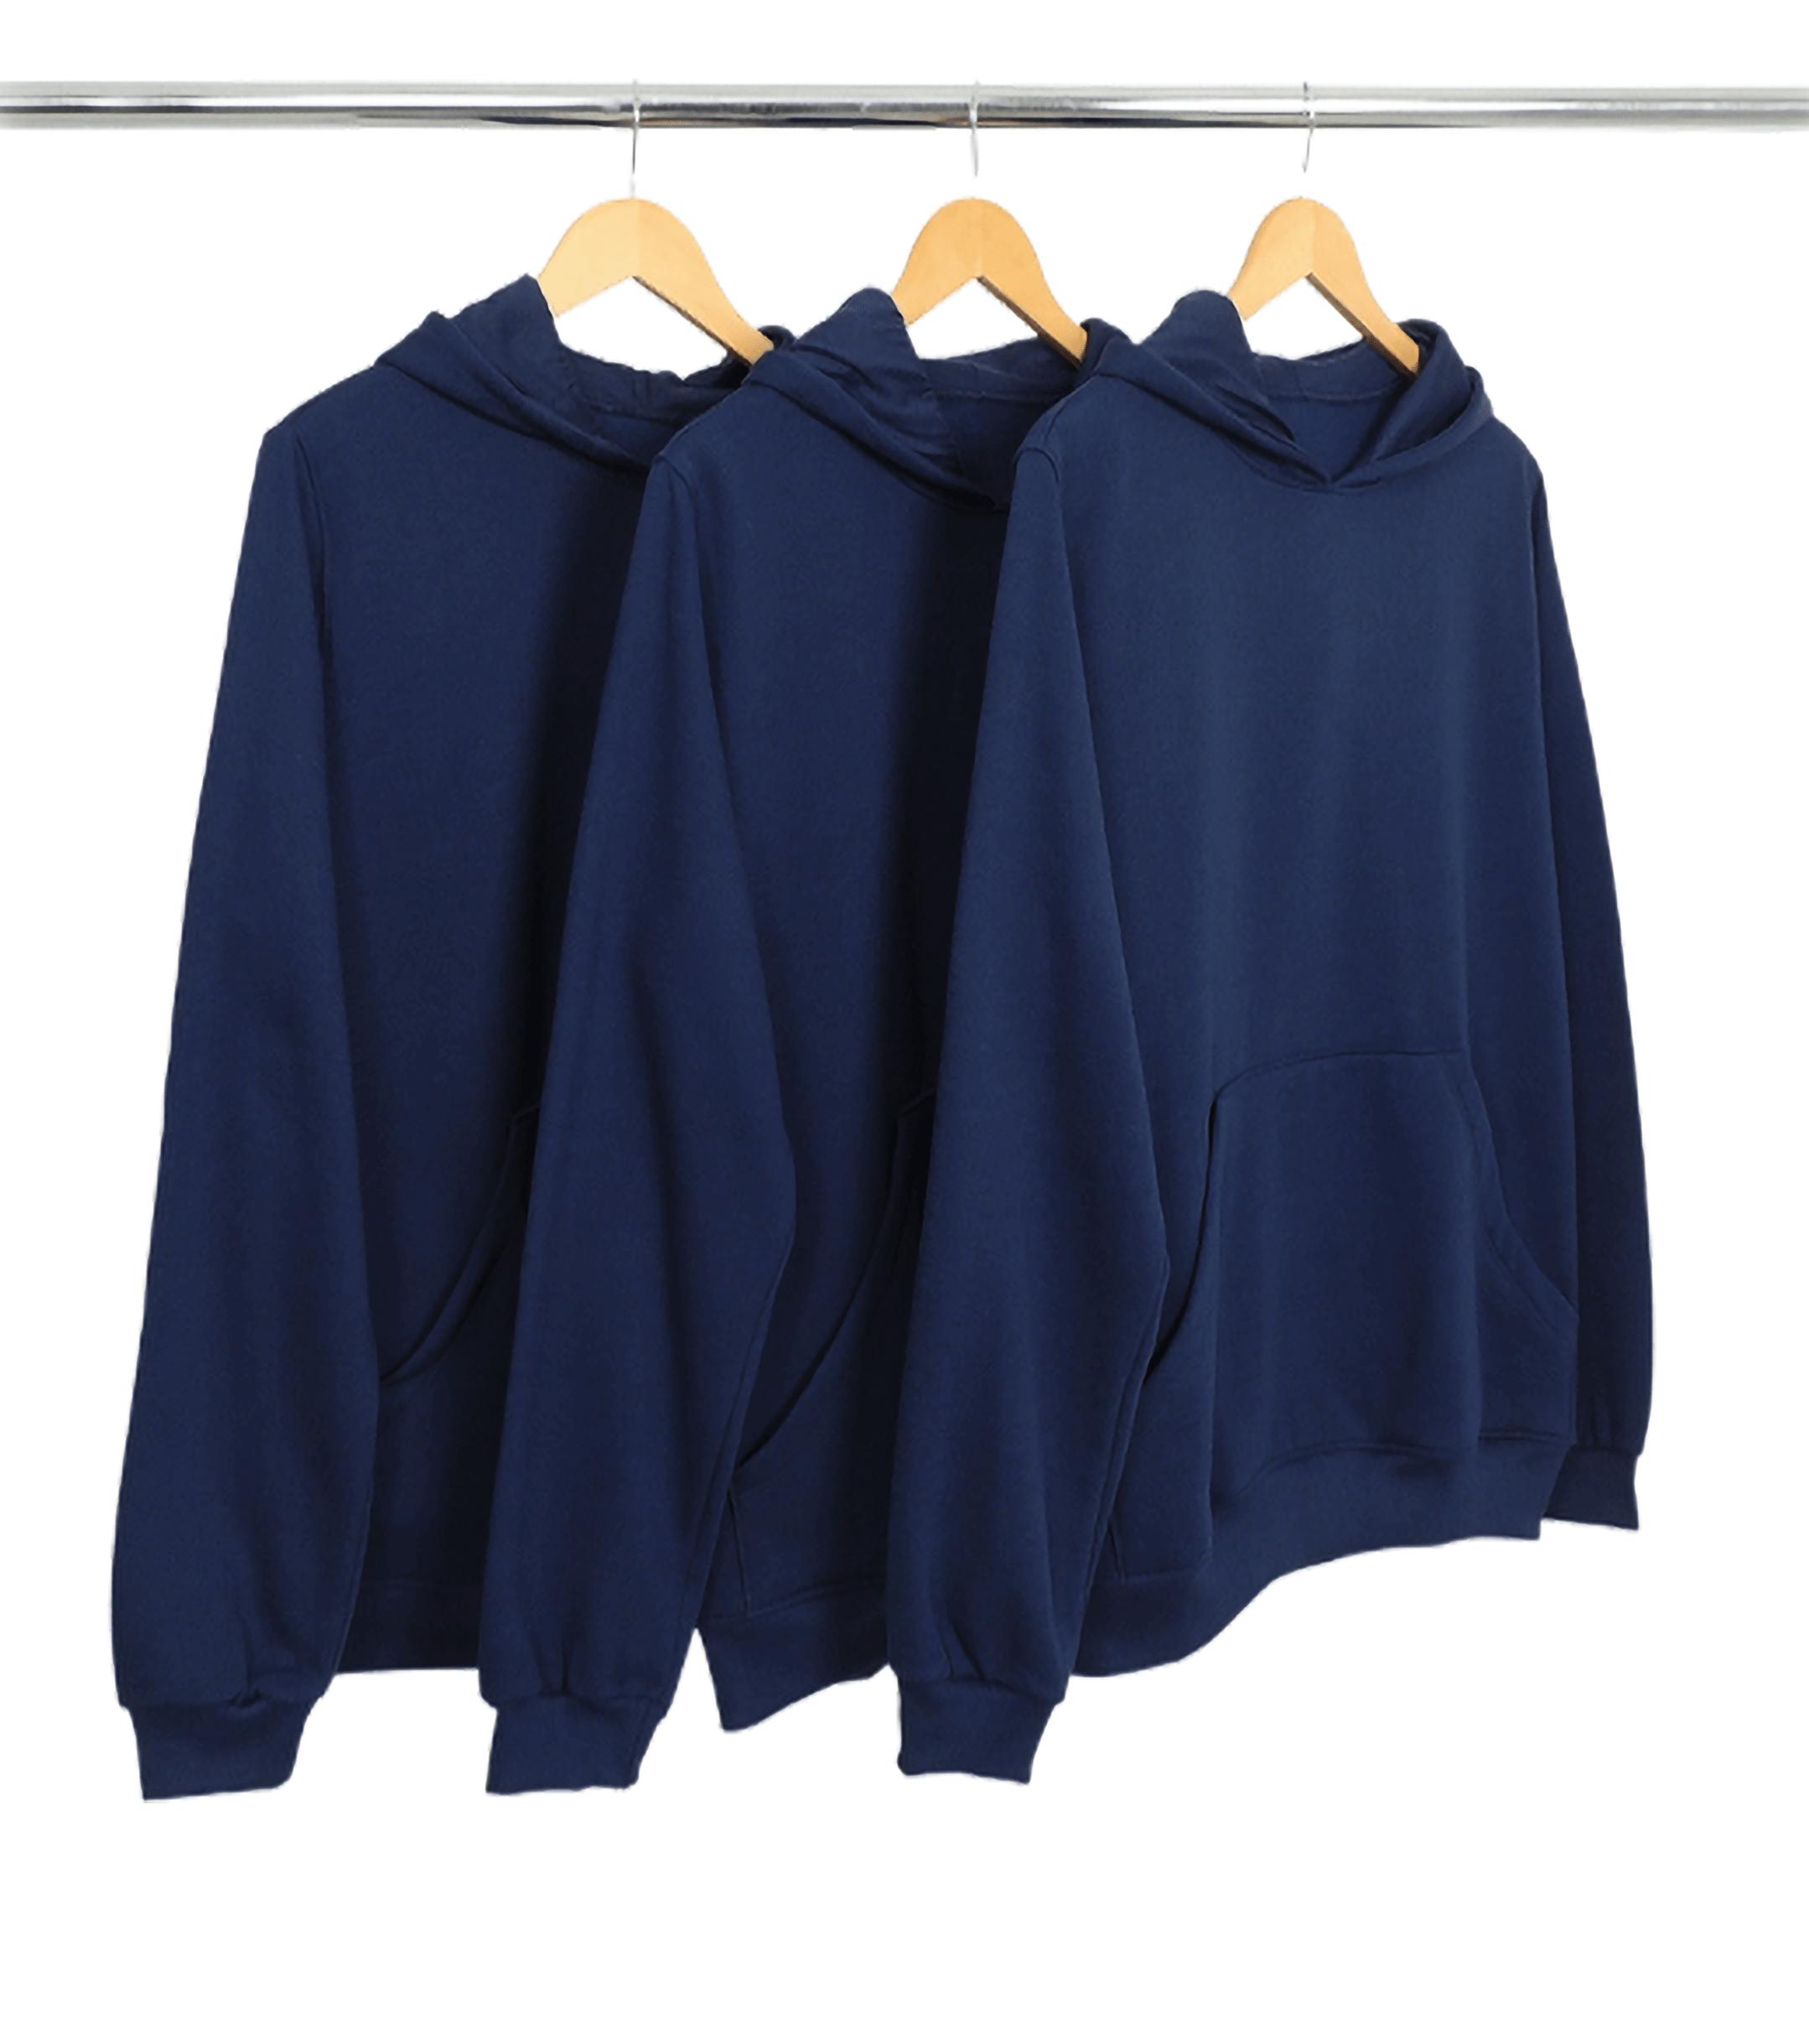 Kit 3 Moletons Canguru com Capuz Azul Marinho